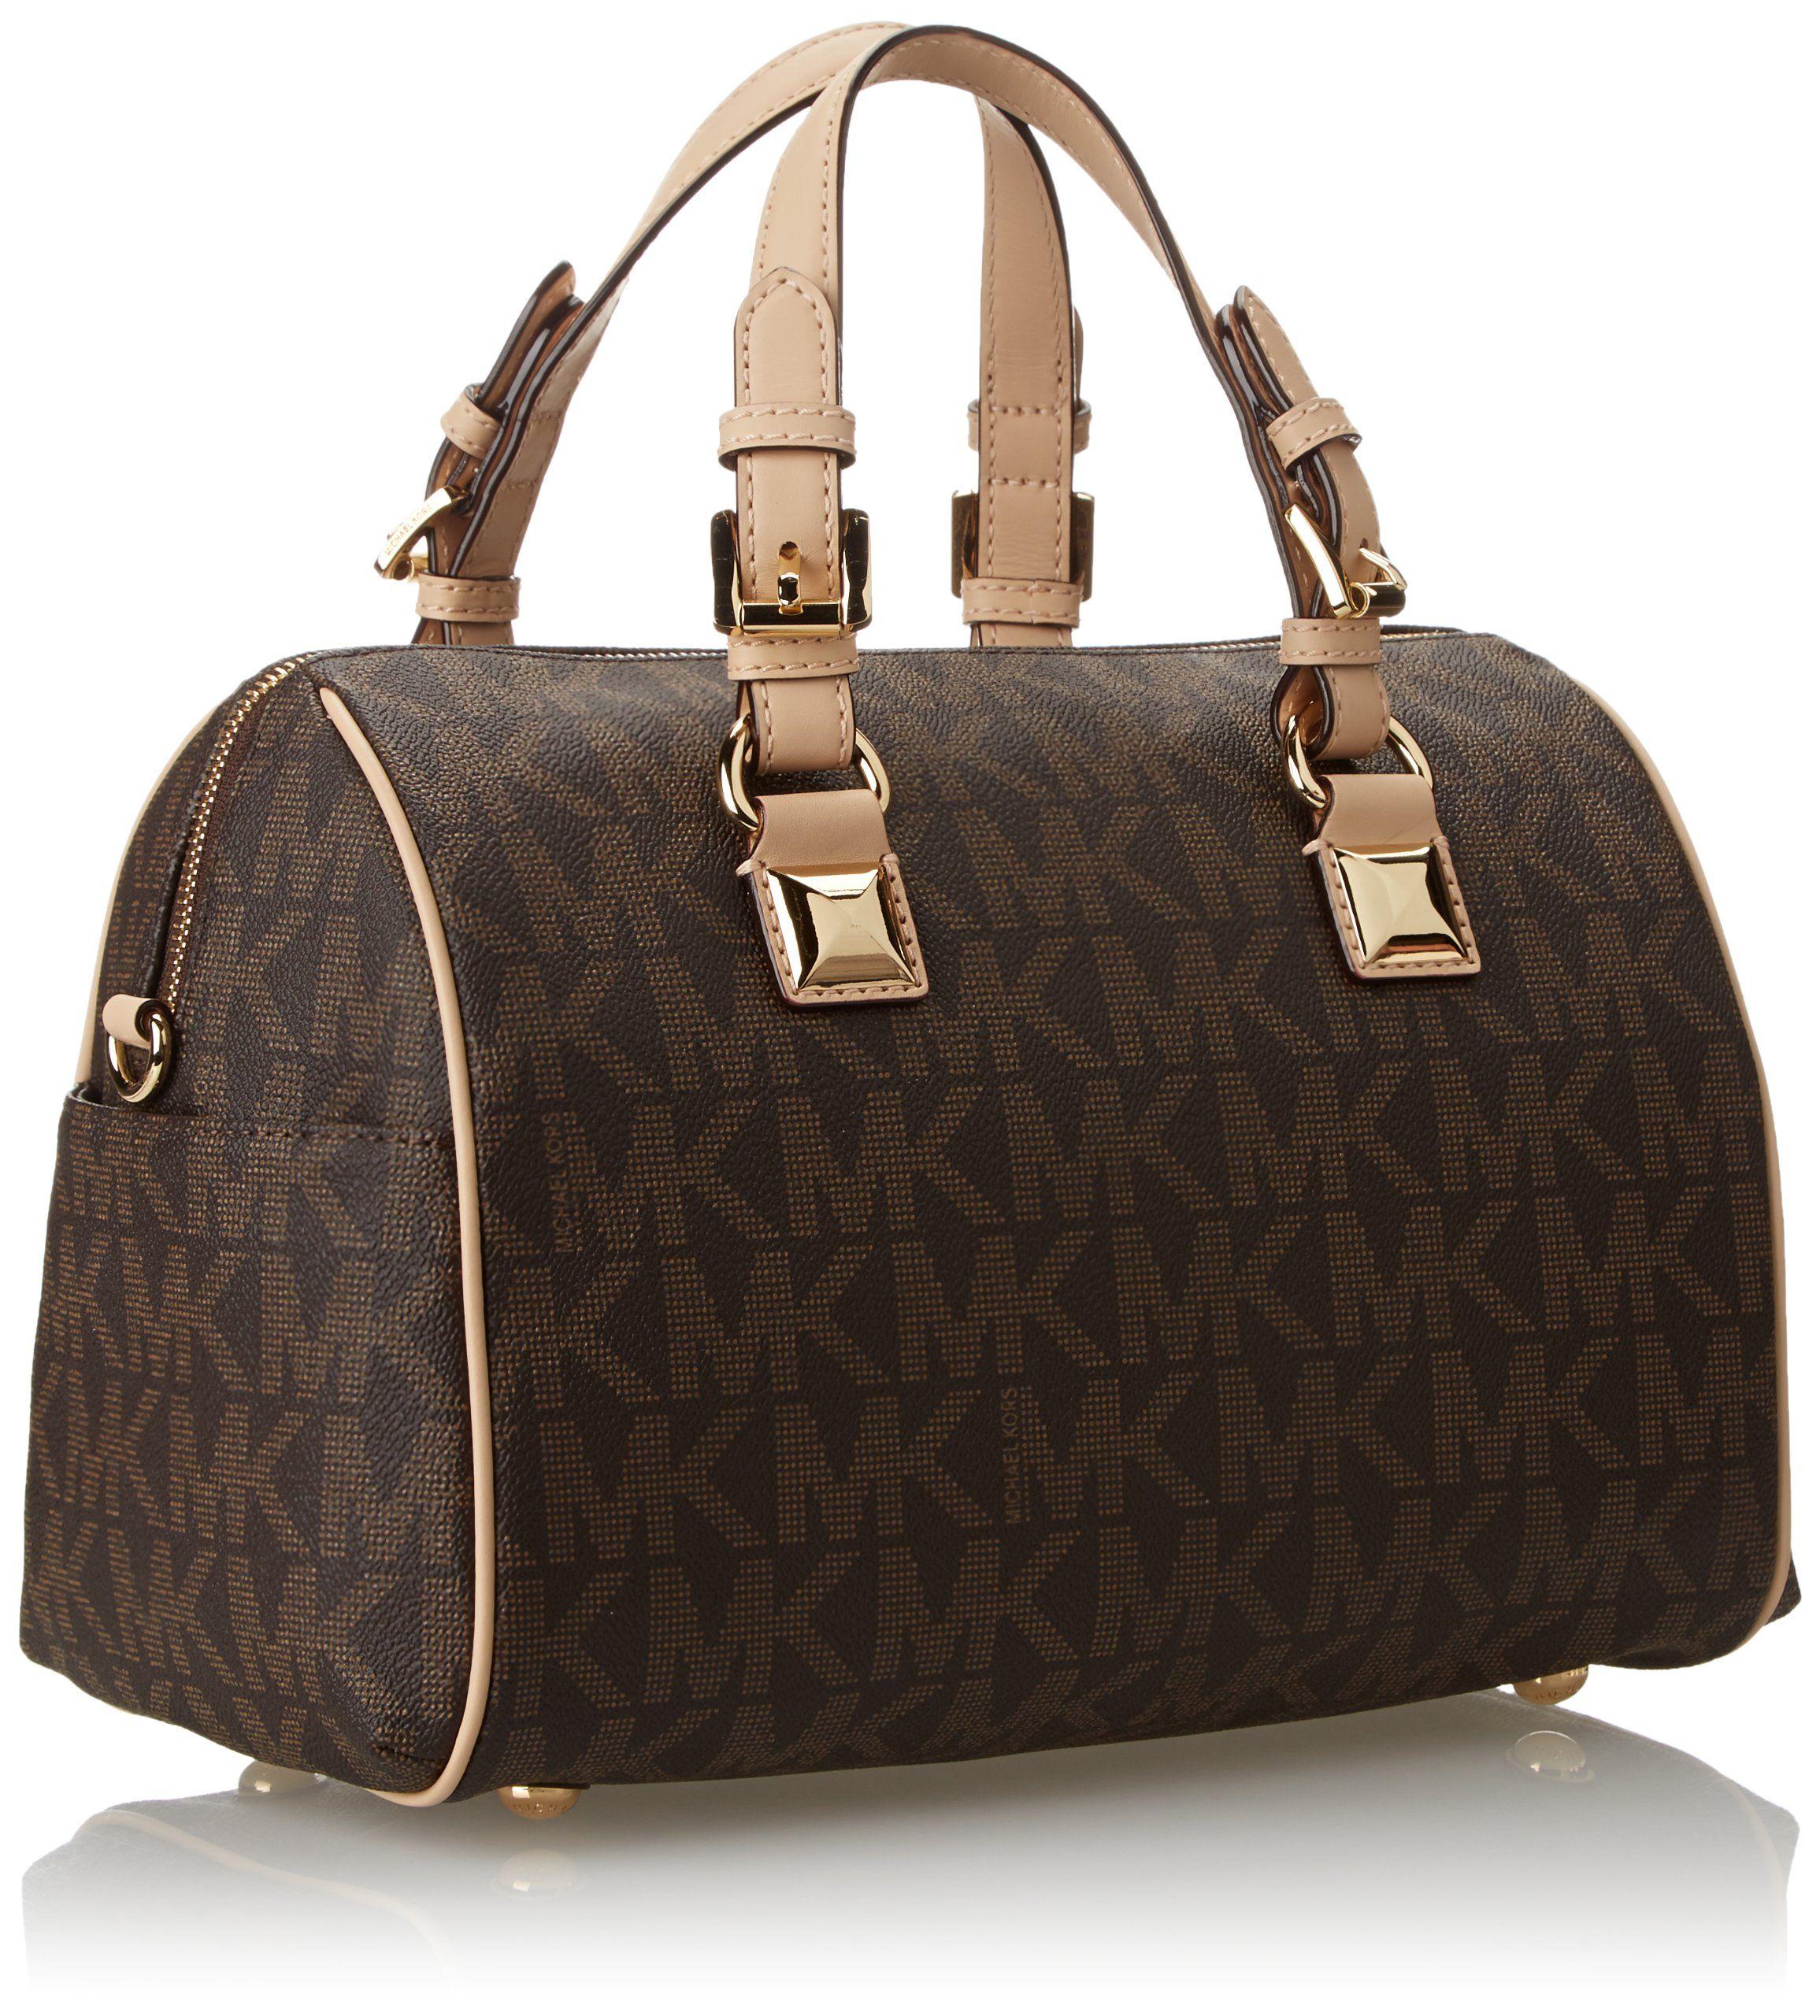 Bag �� Michael Kors Signature Print Satchel Handbag Bag 30F2GGCS2B Brown.  Satchel HandbagsSatchelsAmazon ...